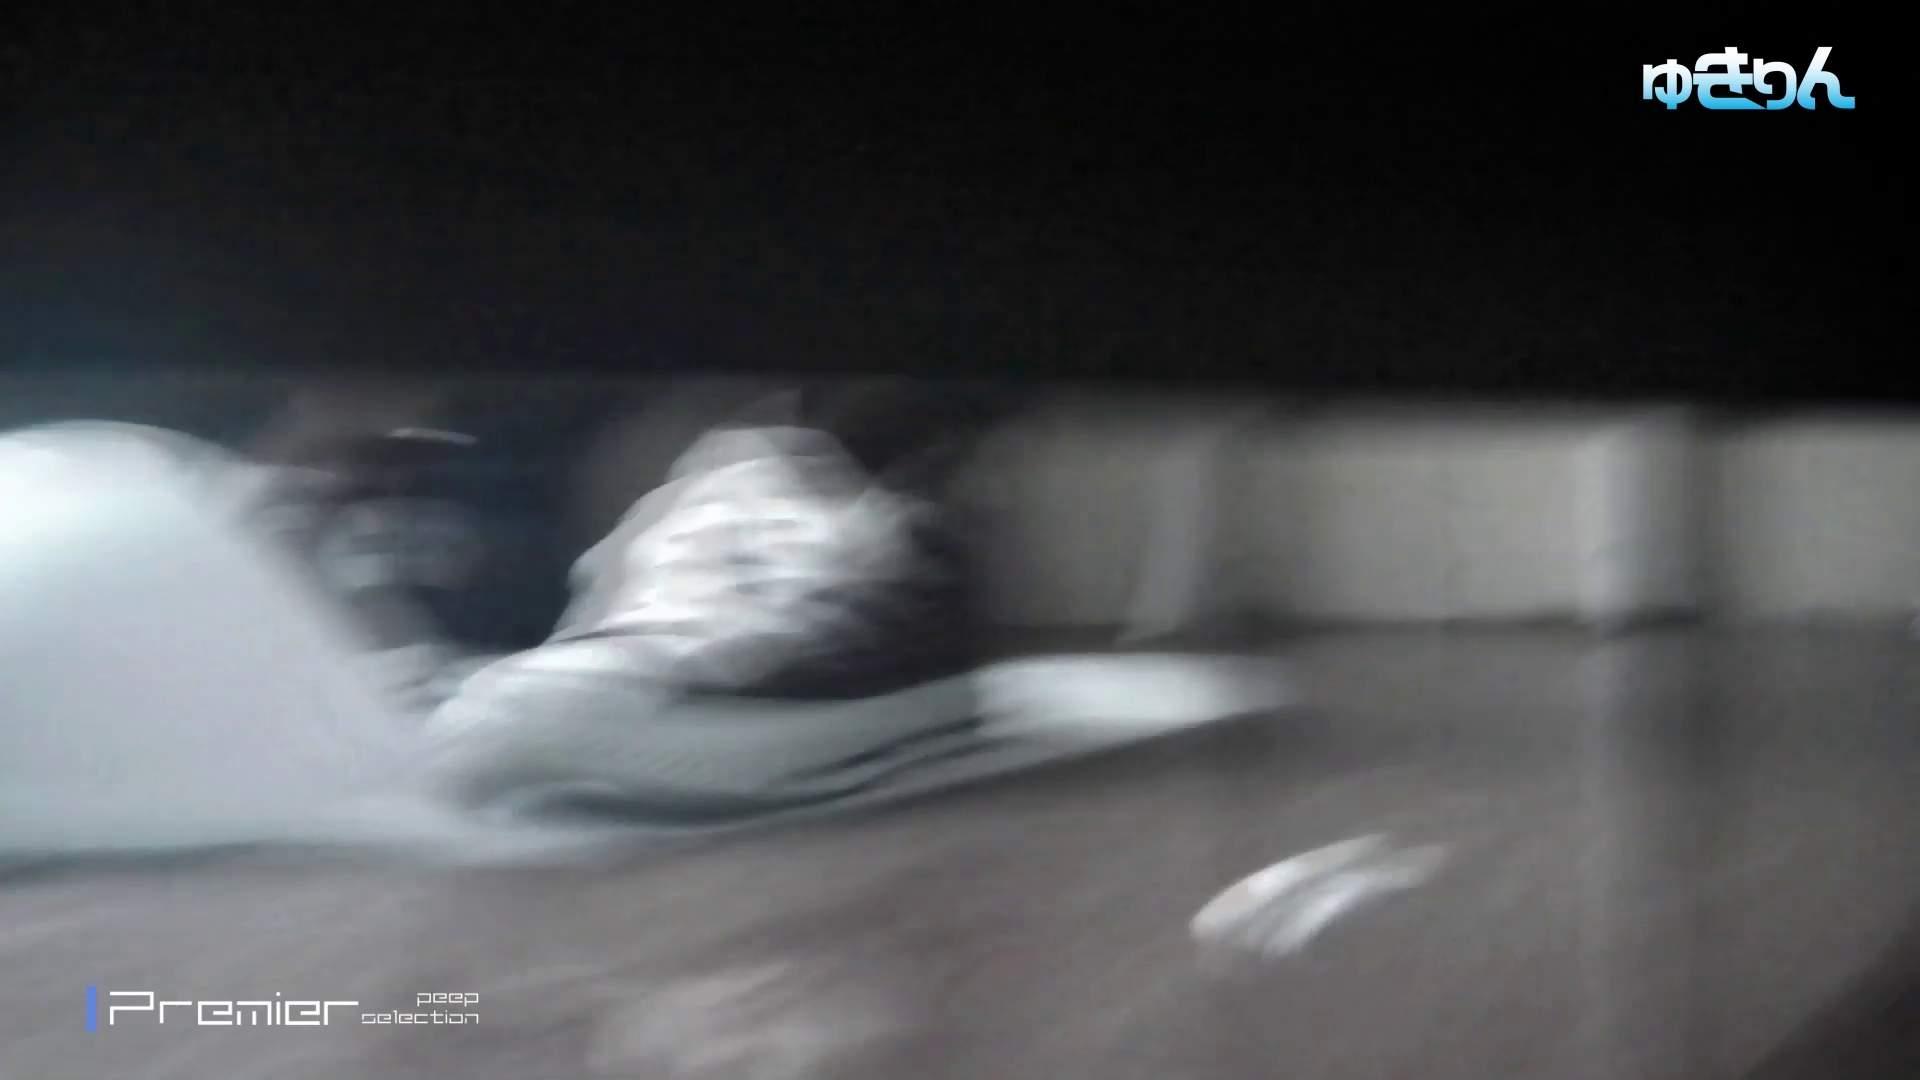 ステーション編 vol59 ユキリン奮闘!!新しいカメラに変更しました。 高画質 セックス画像 105画像 23